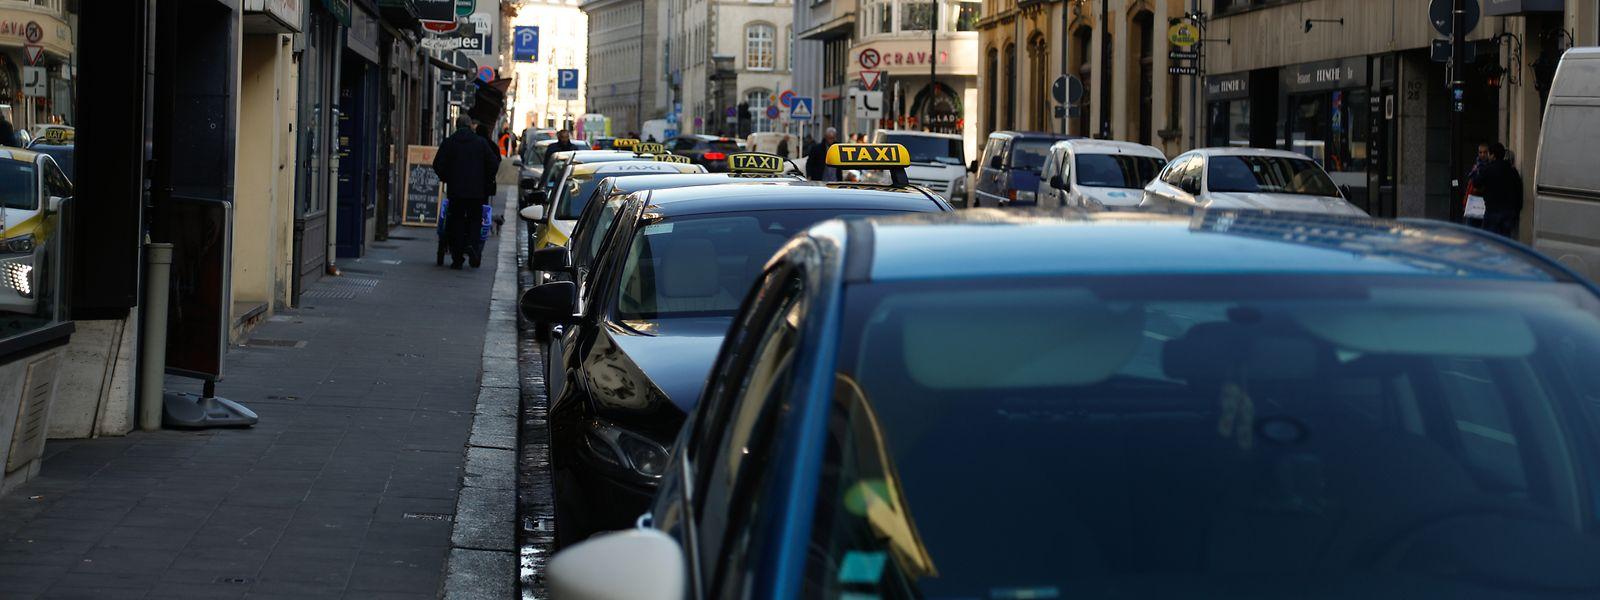 De nouvelles places de taxis sont désormais disponibles rue Willy Goergen, à quelques pas du centre de relaxation aquatique Badanstalt.